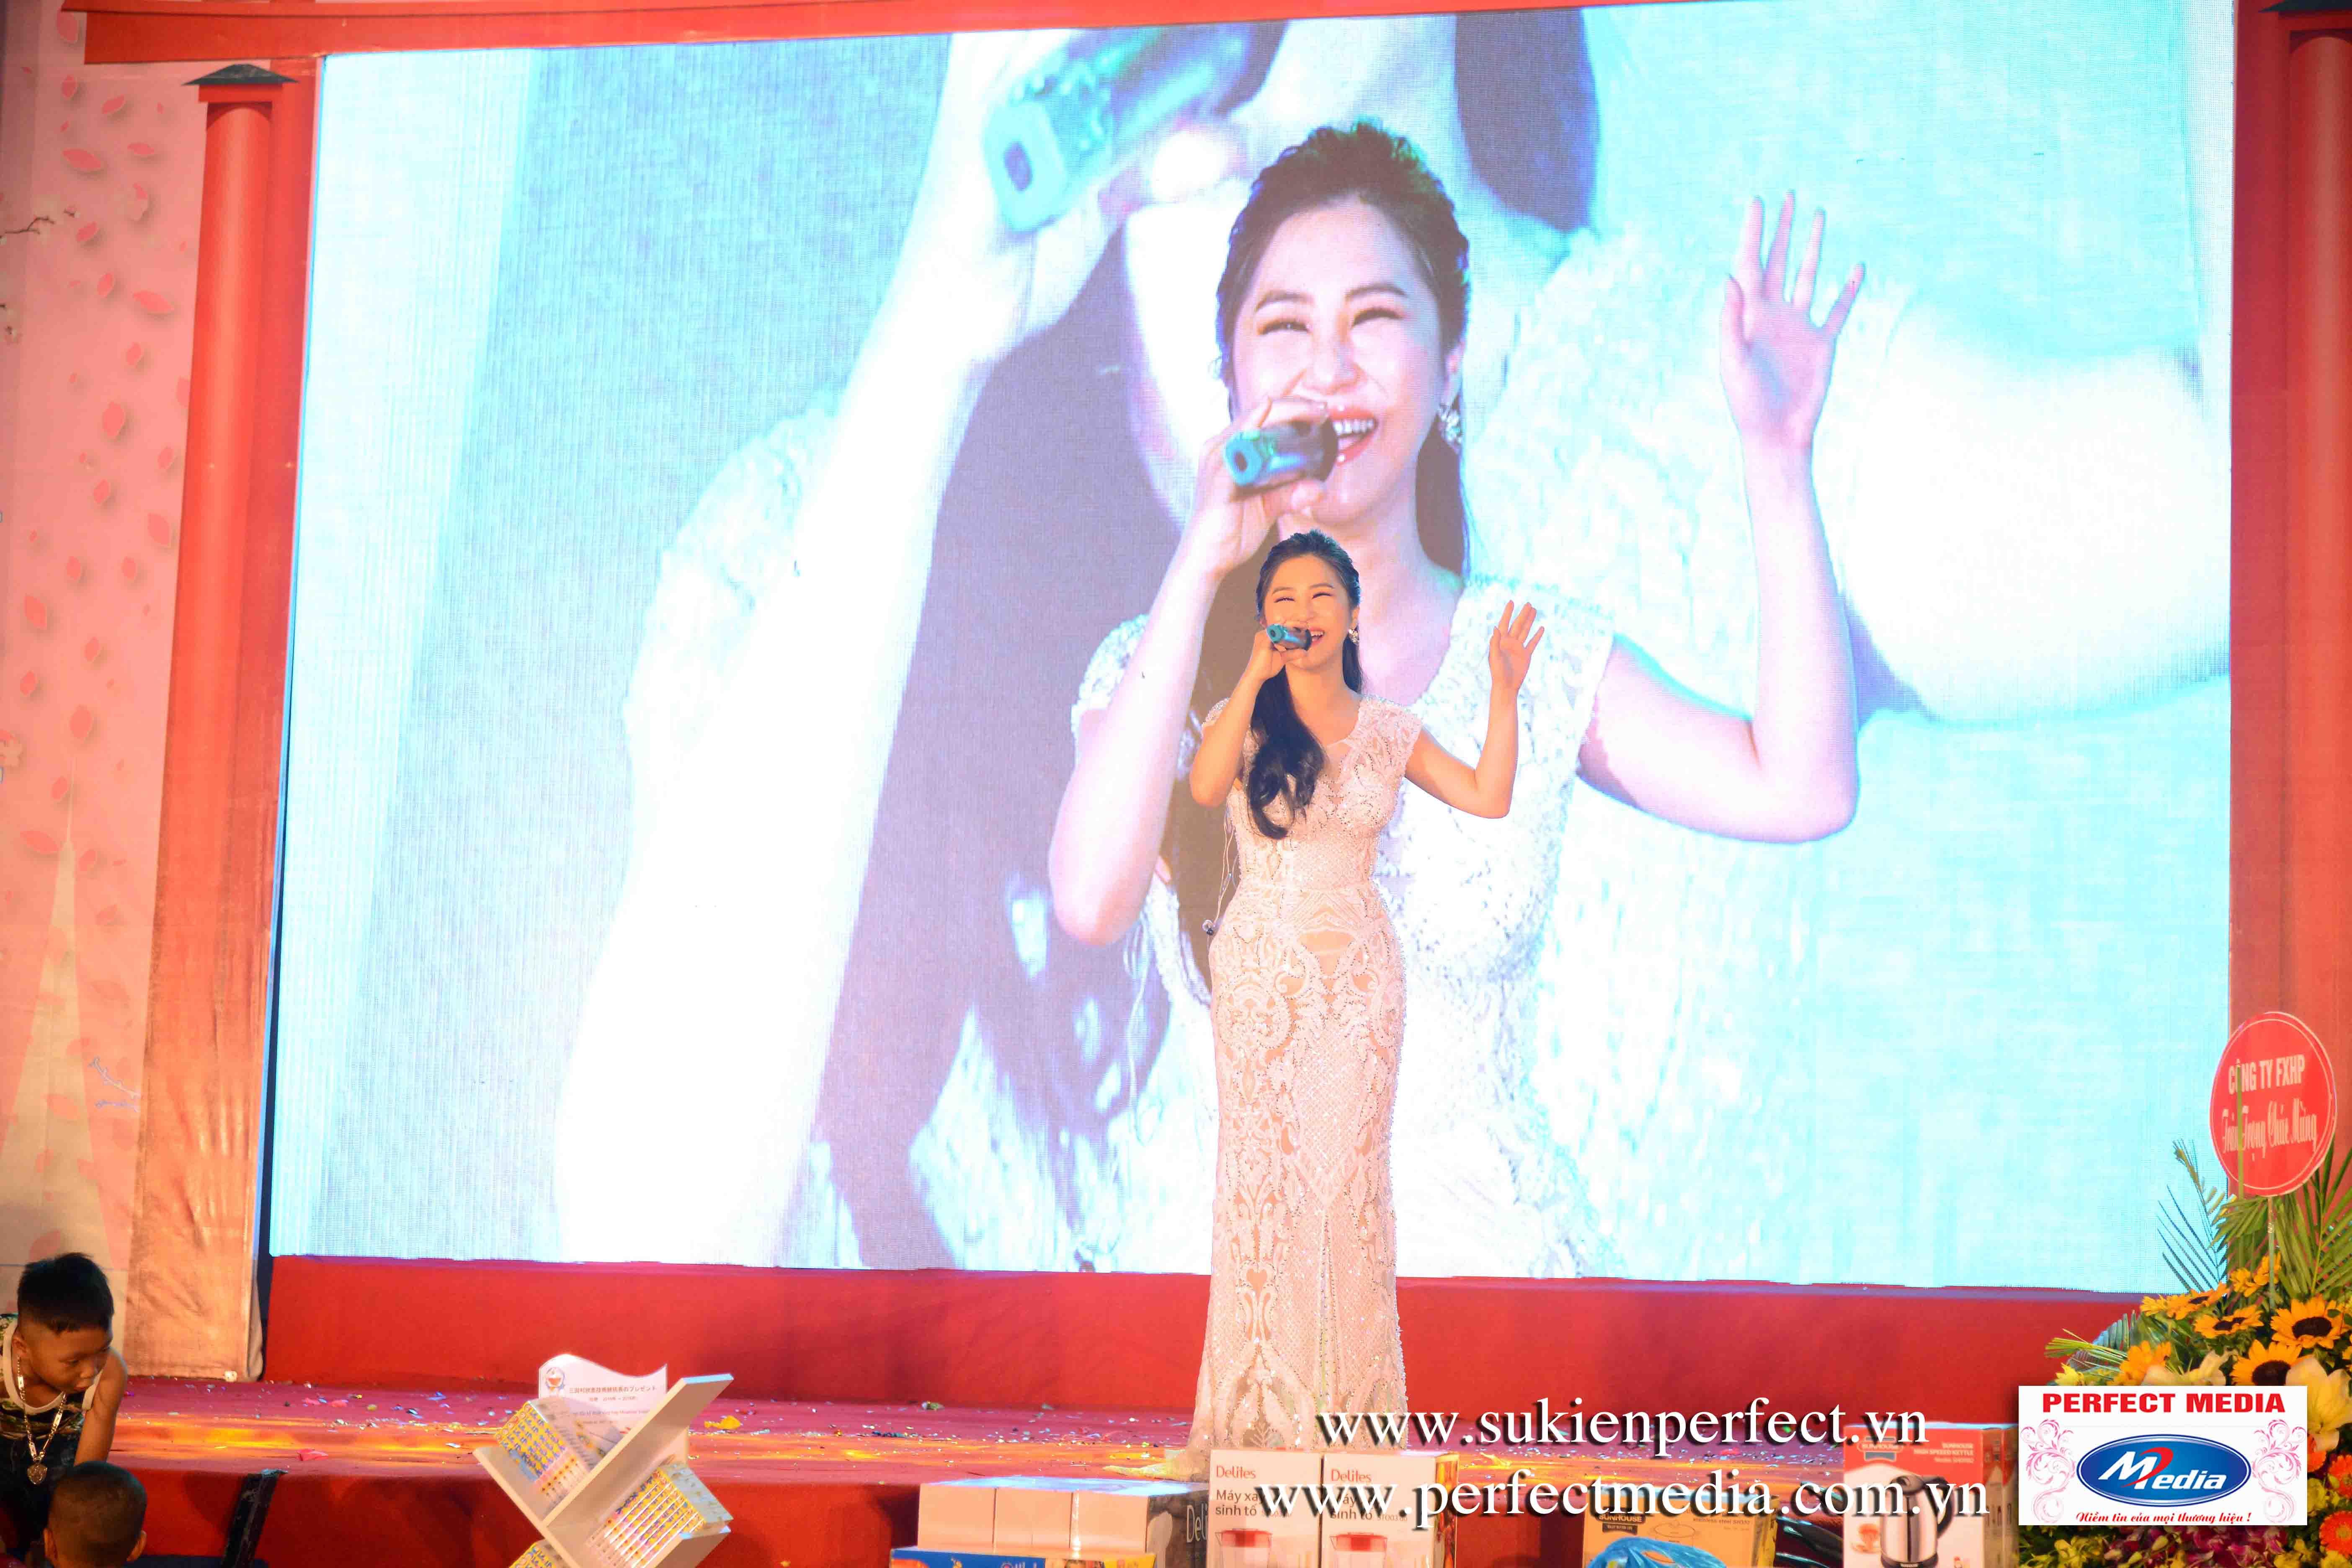 Màn hình Led sân khấu Family Day Ca sỹ Hương Tràm biểu diễn